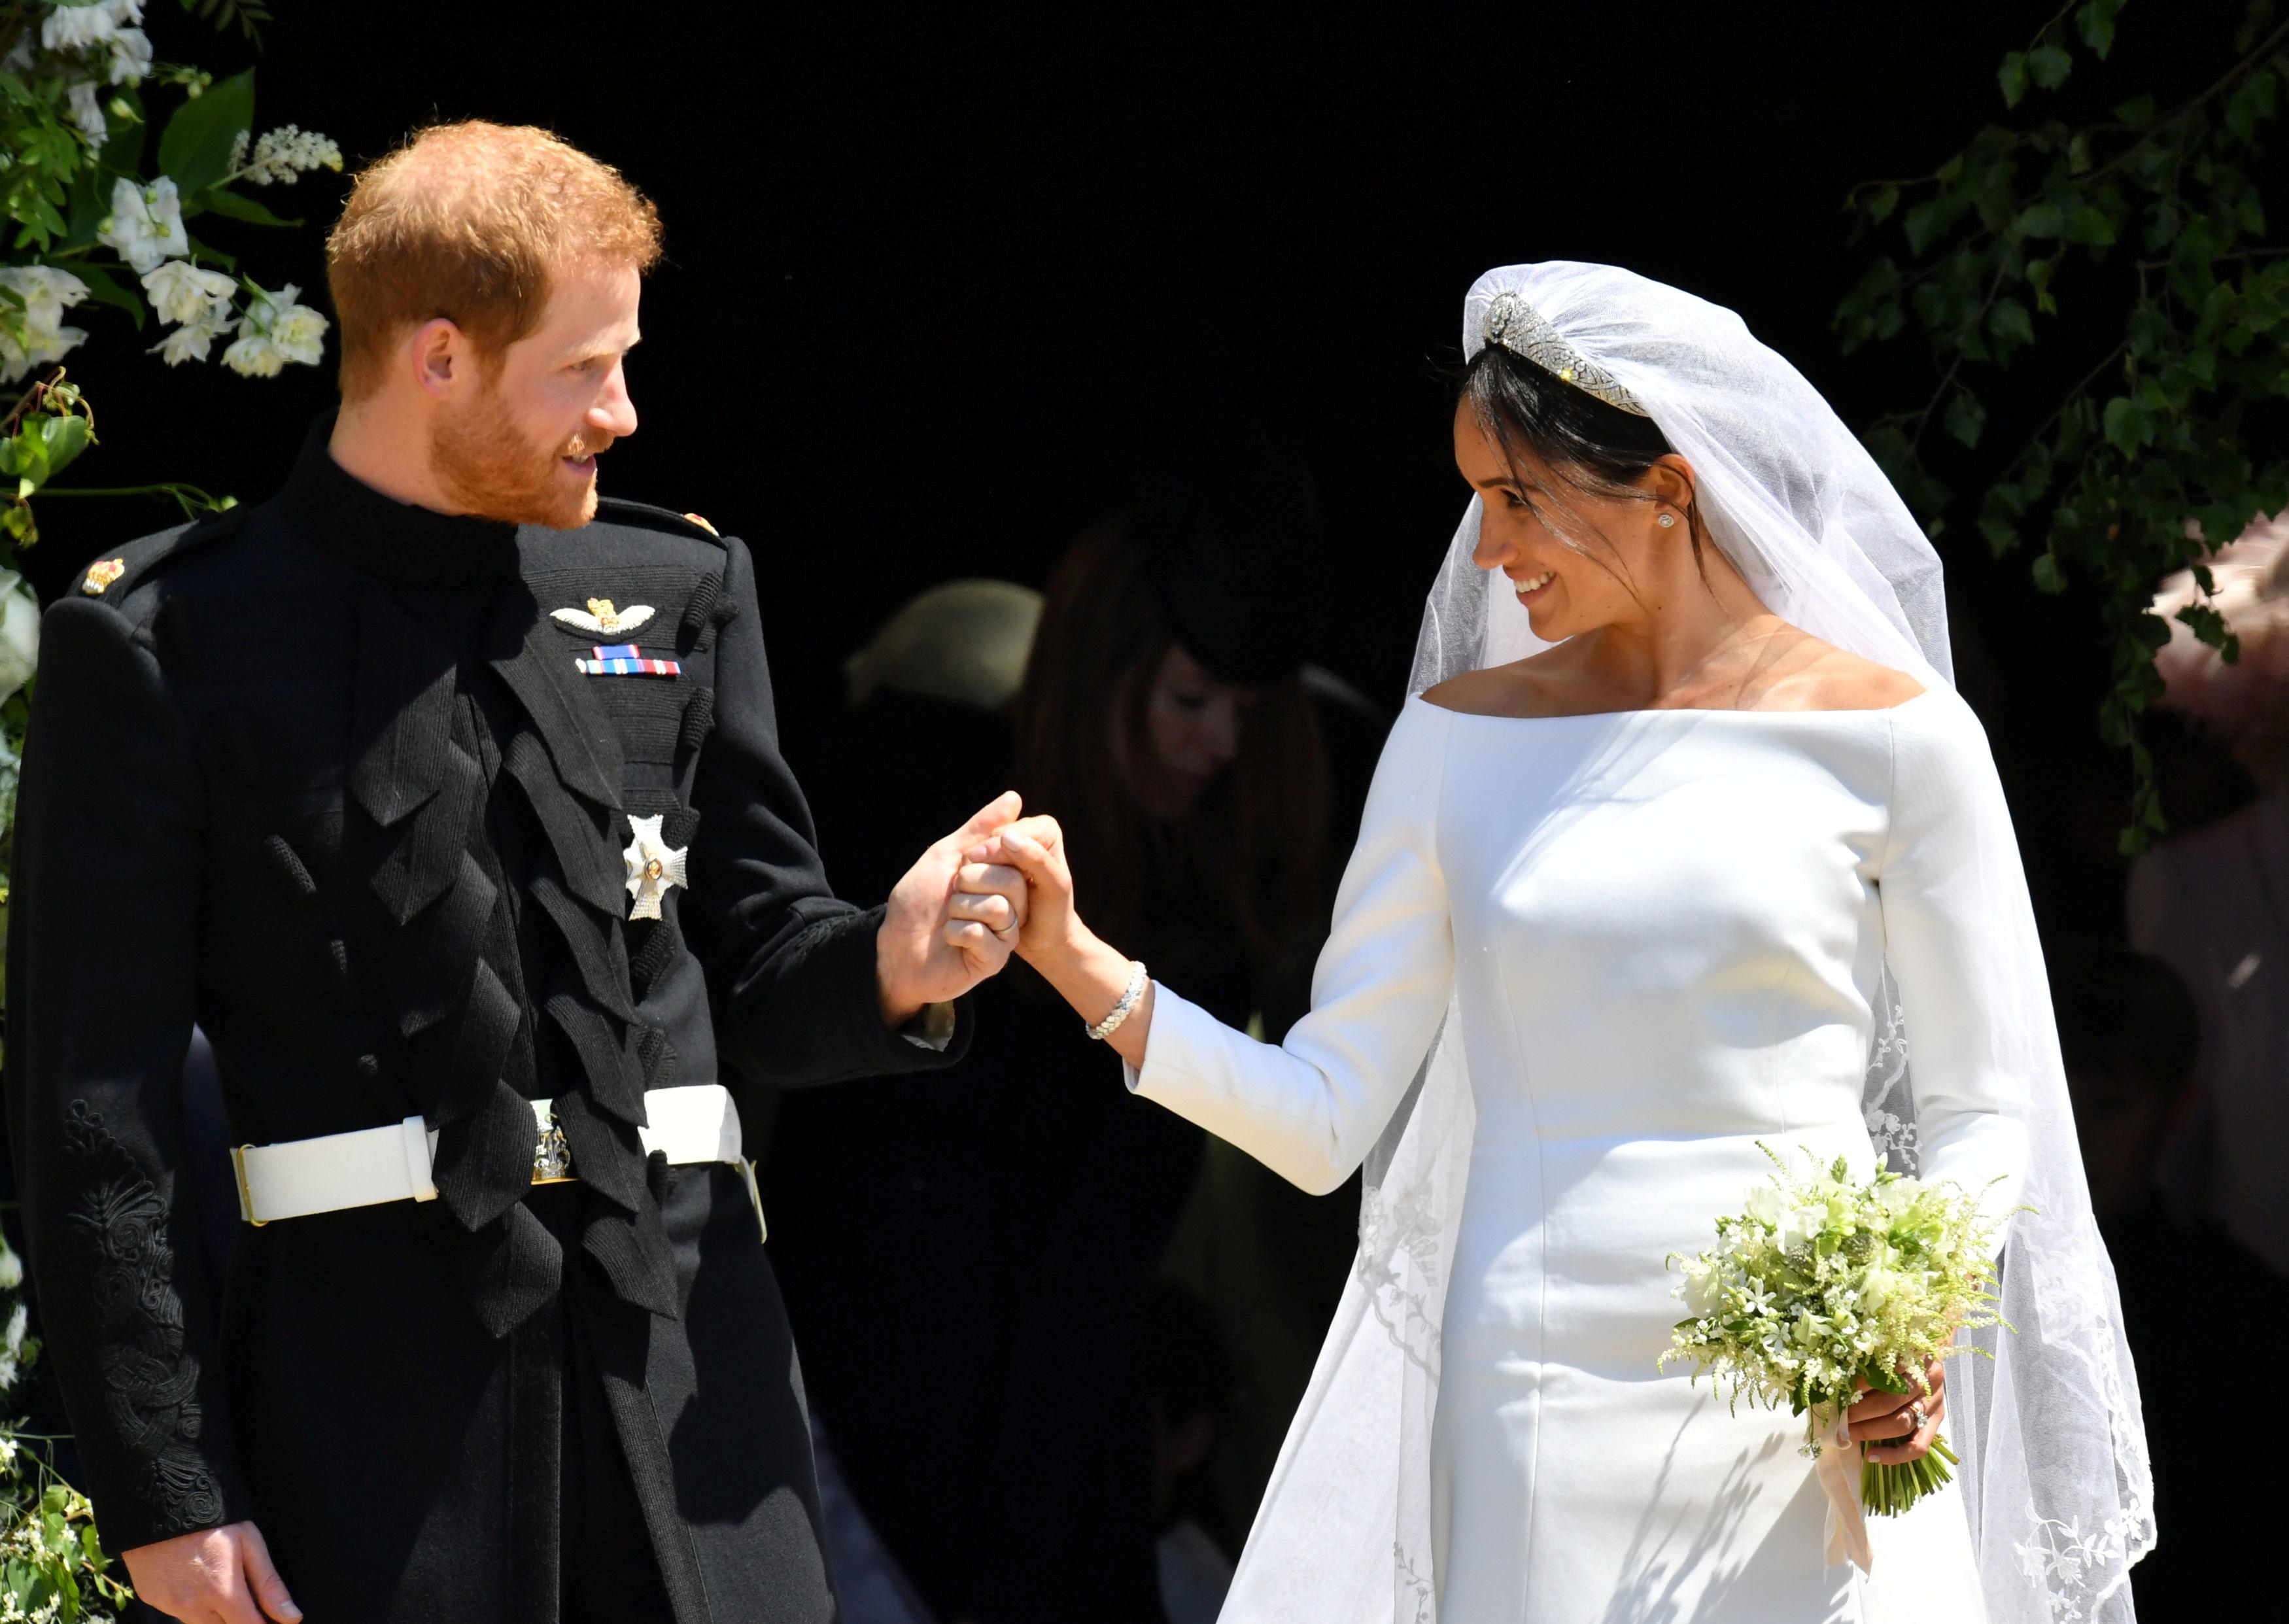 Πρίγκιπας Harry – Meghan Markle: Εκατομμύρια άνθρωποι από όλο τον κόσμο παρακολούθησαν τον πριγκιπικό γάμο   tlife.gr